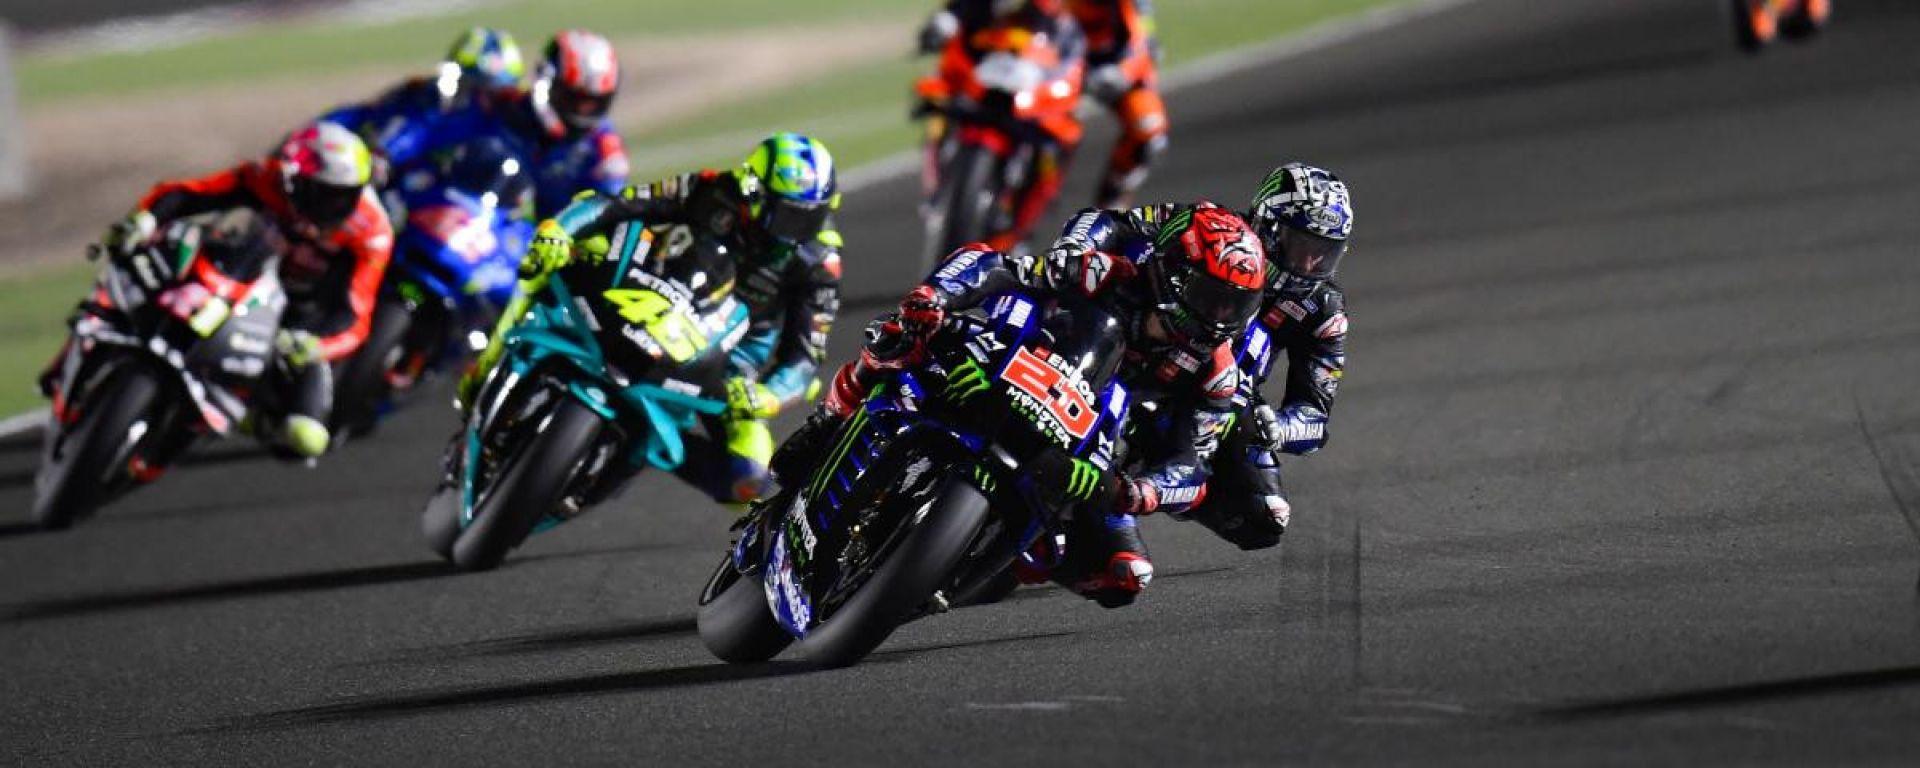 Prime fasi del GP del Qatar 2021 con Quartararo, Vinales e Rossi (Yamaha)